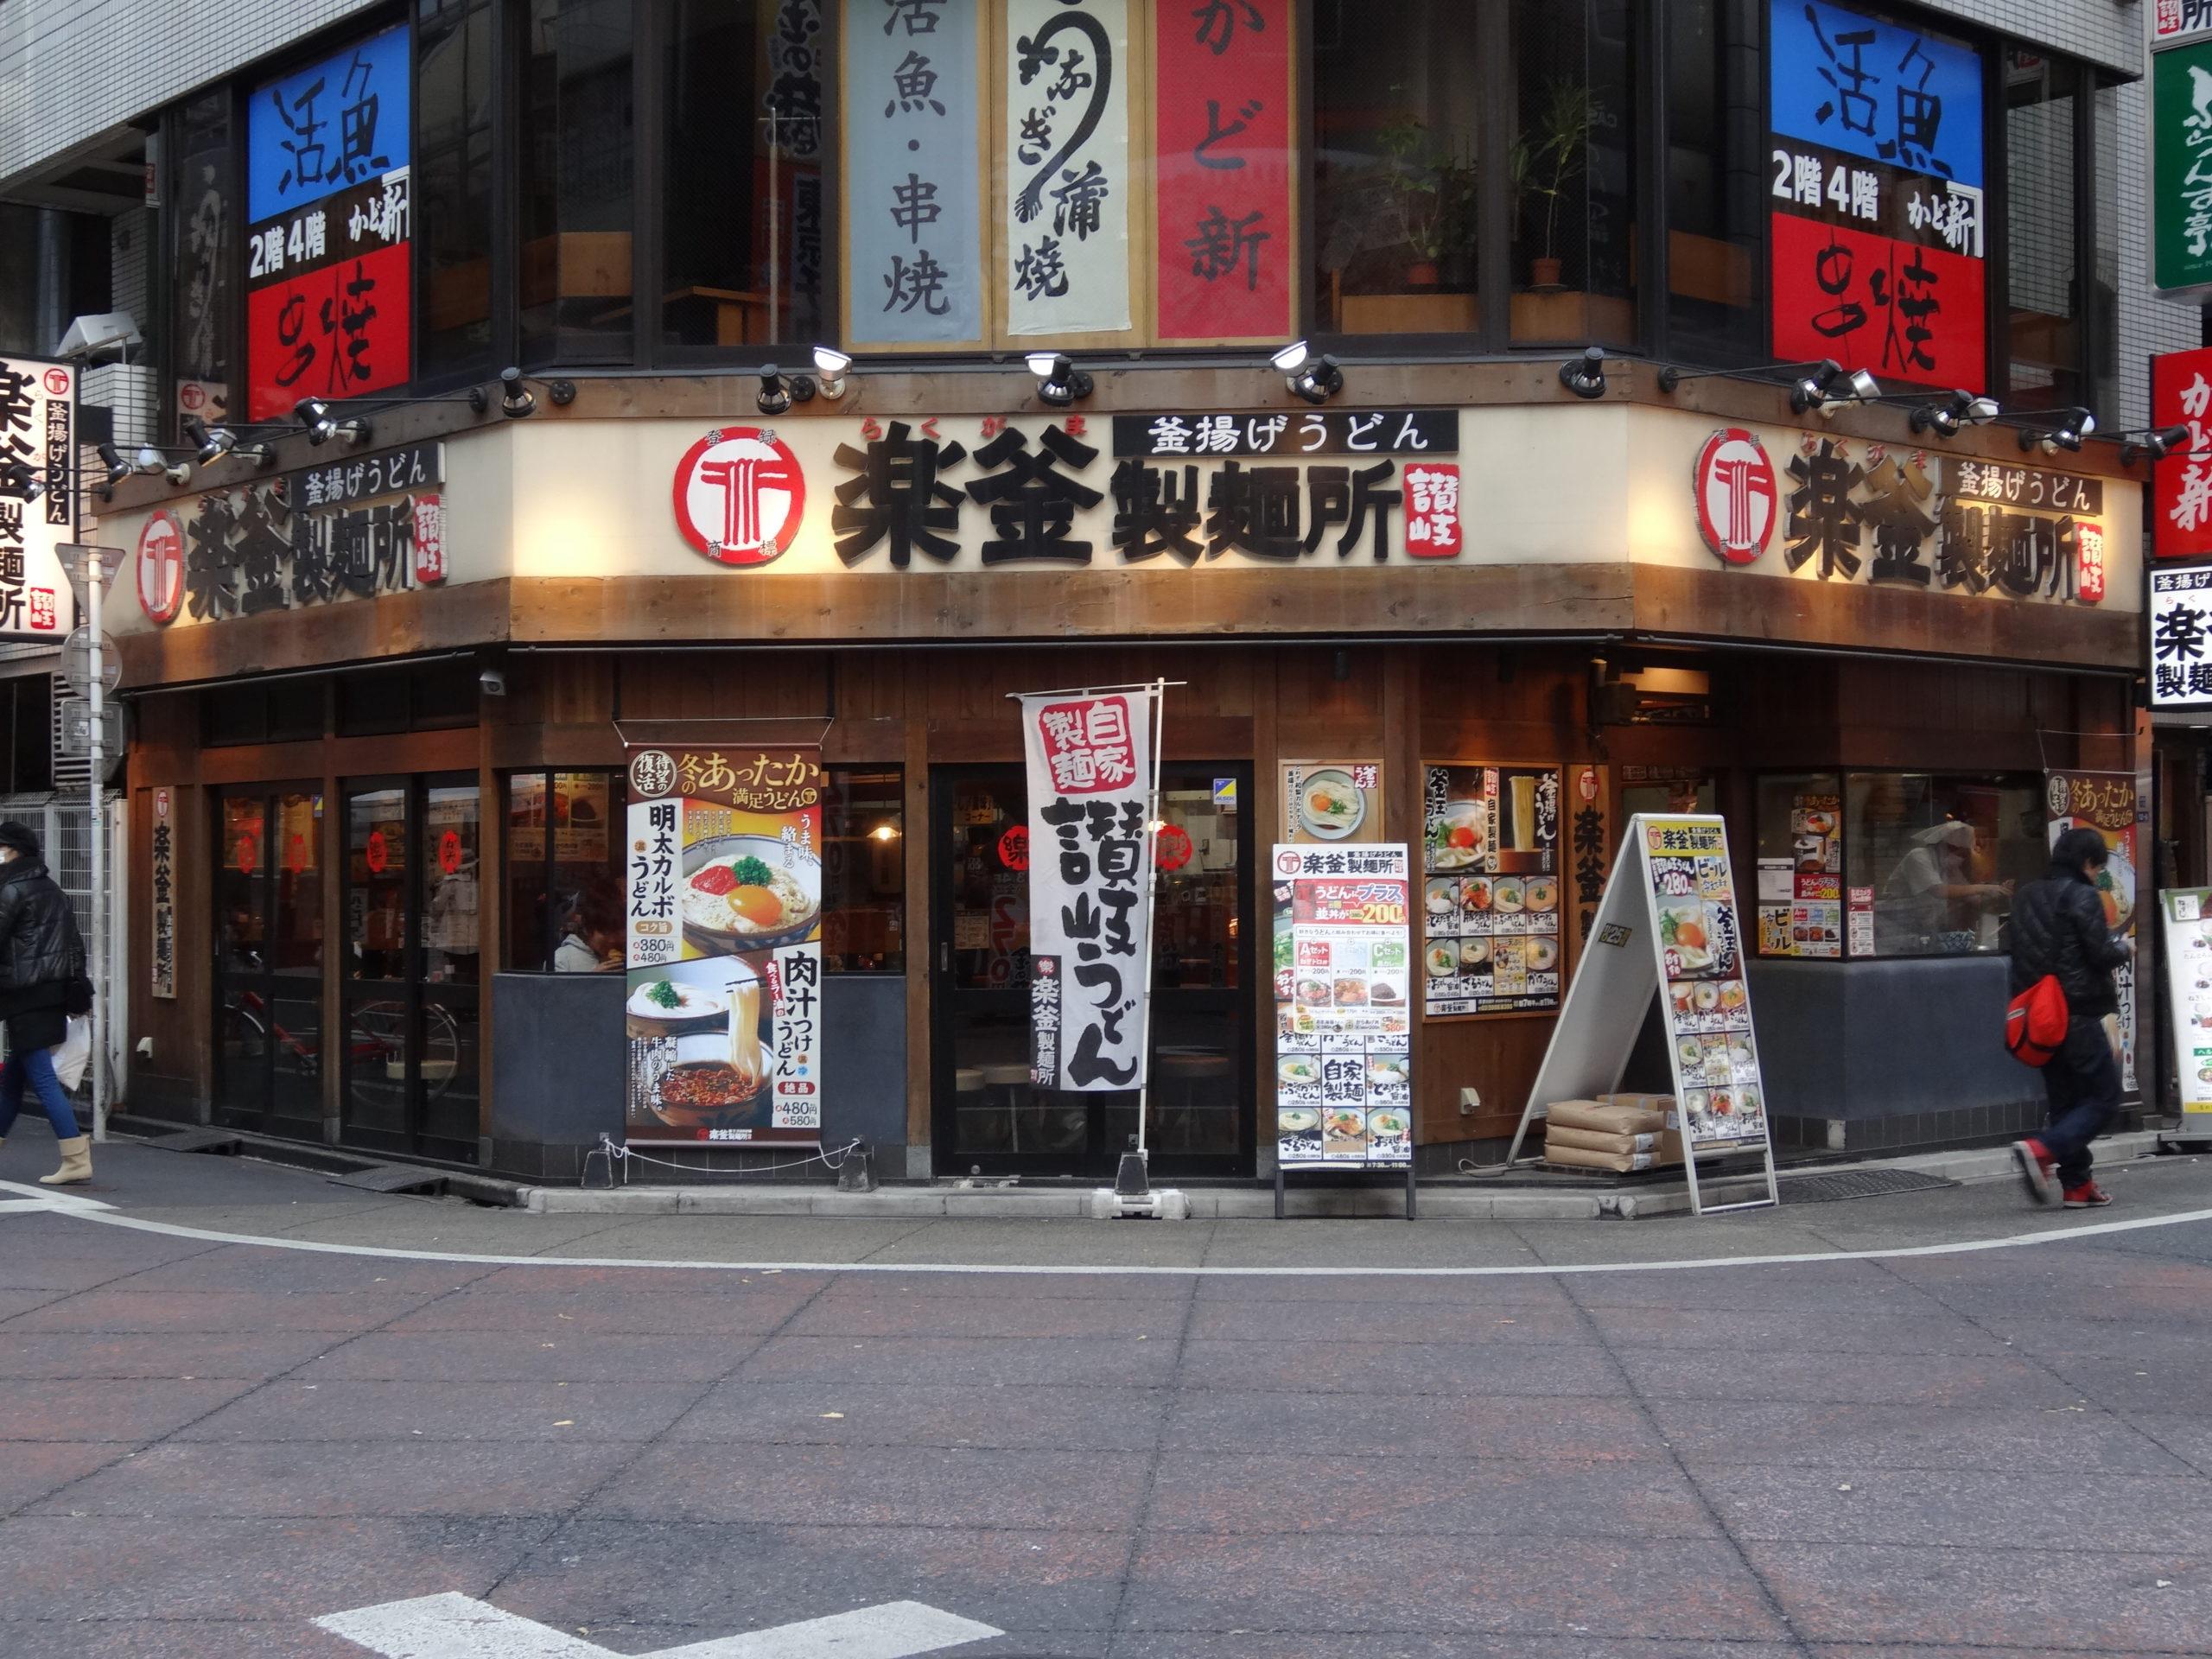 ドラマ「めしばな刑事タチバナ」の動画を見よう!テレ東の名作飯ドラマの身近なロケ地へ行こう!